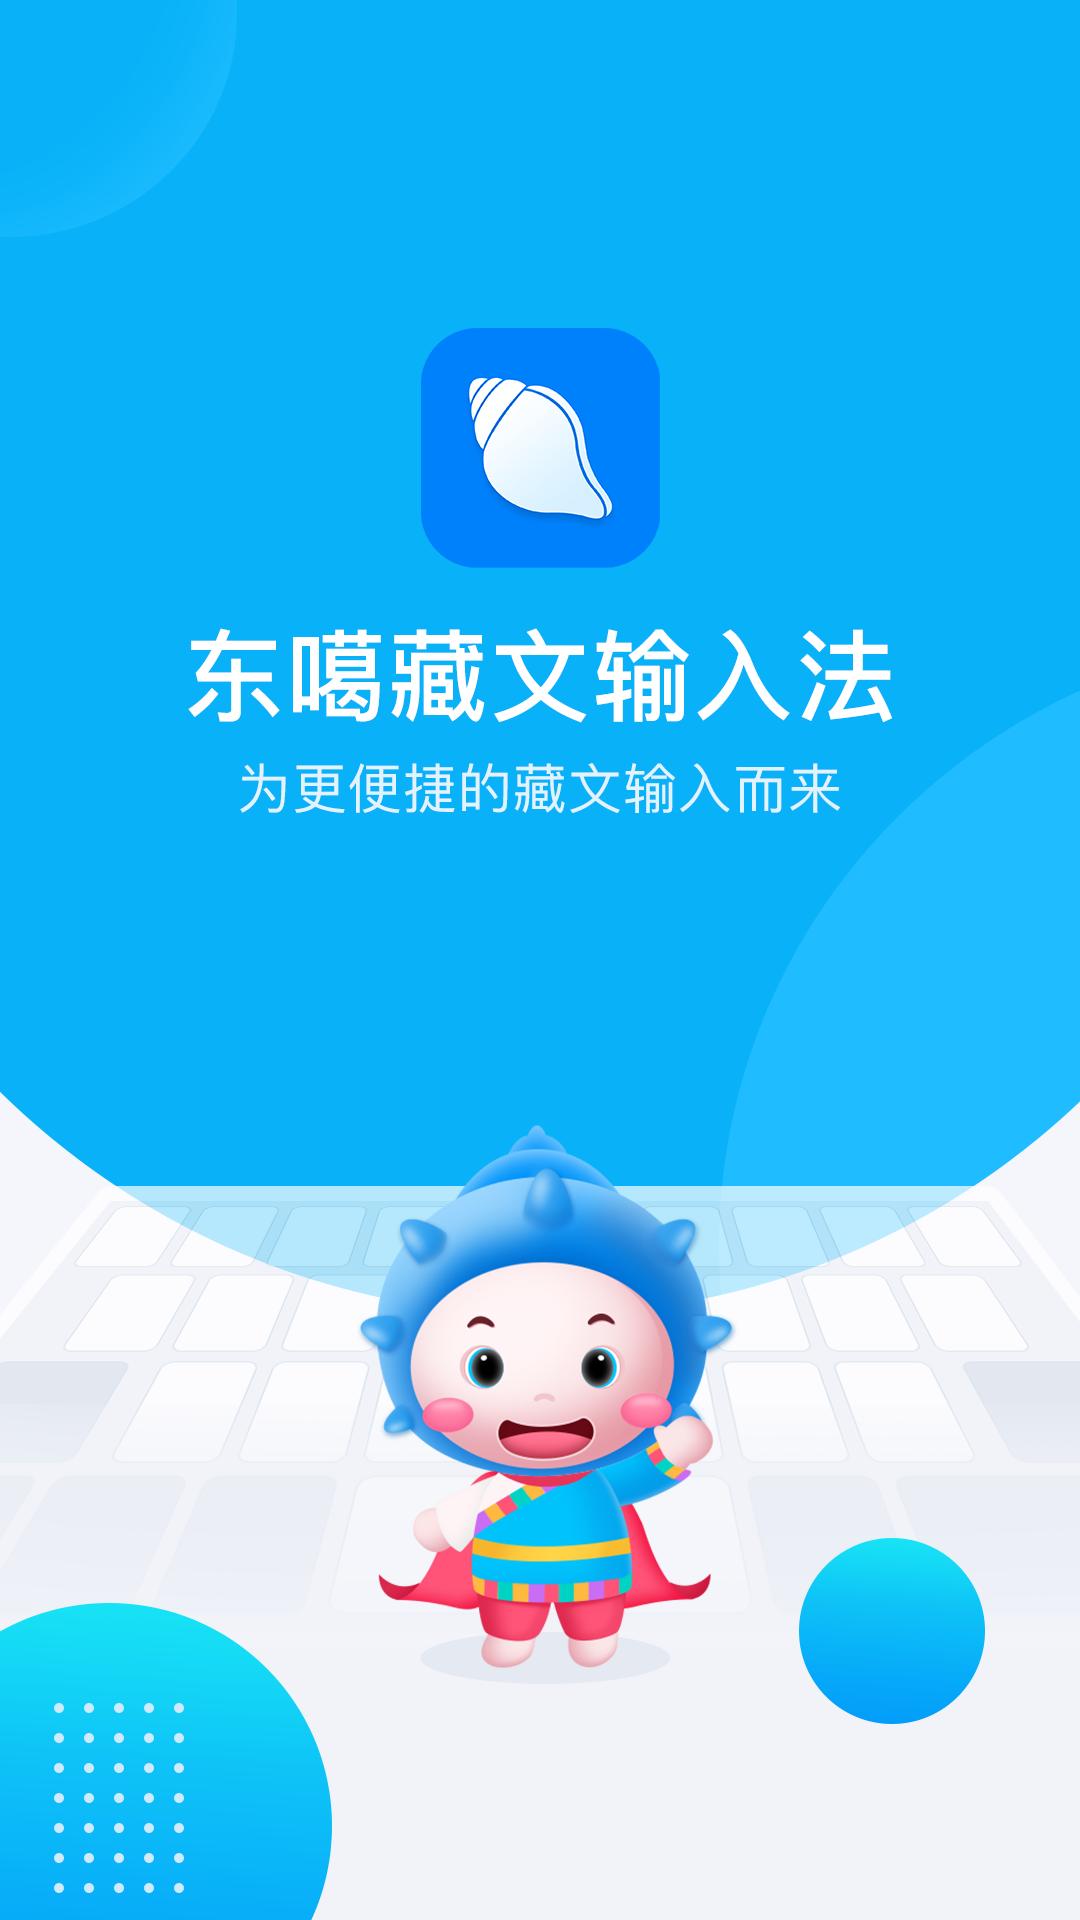 东噶藏文输入法